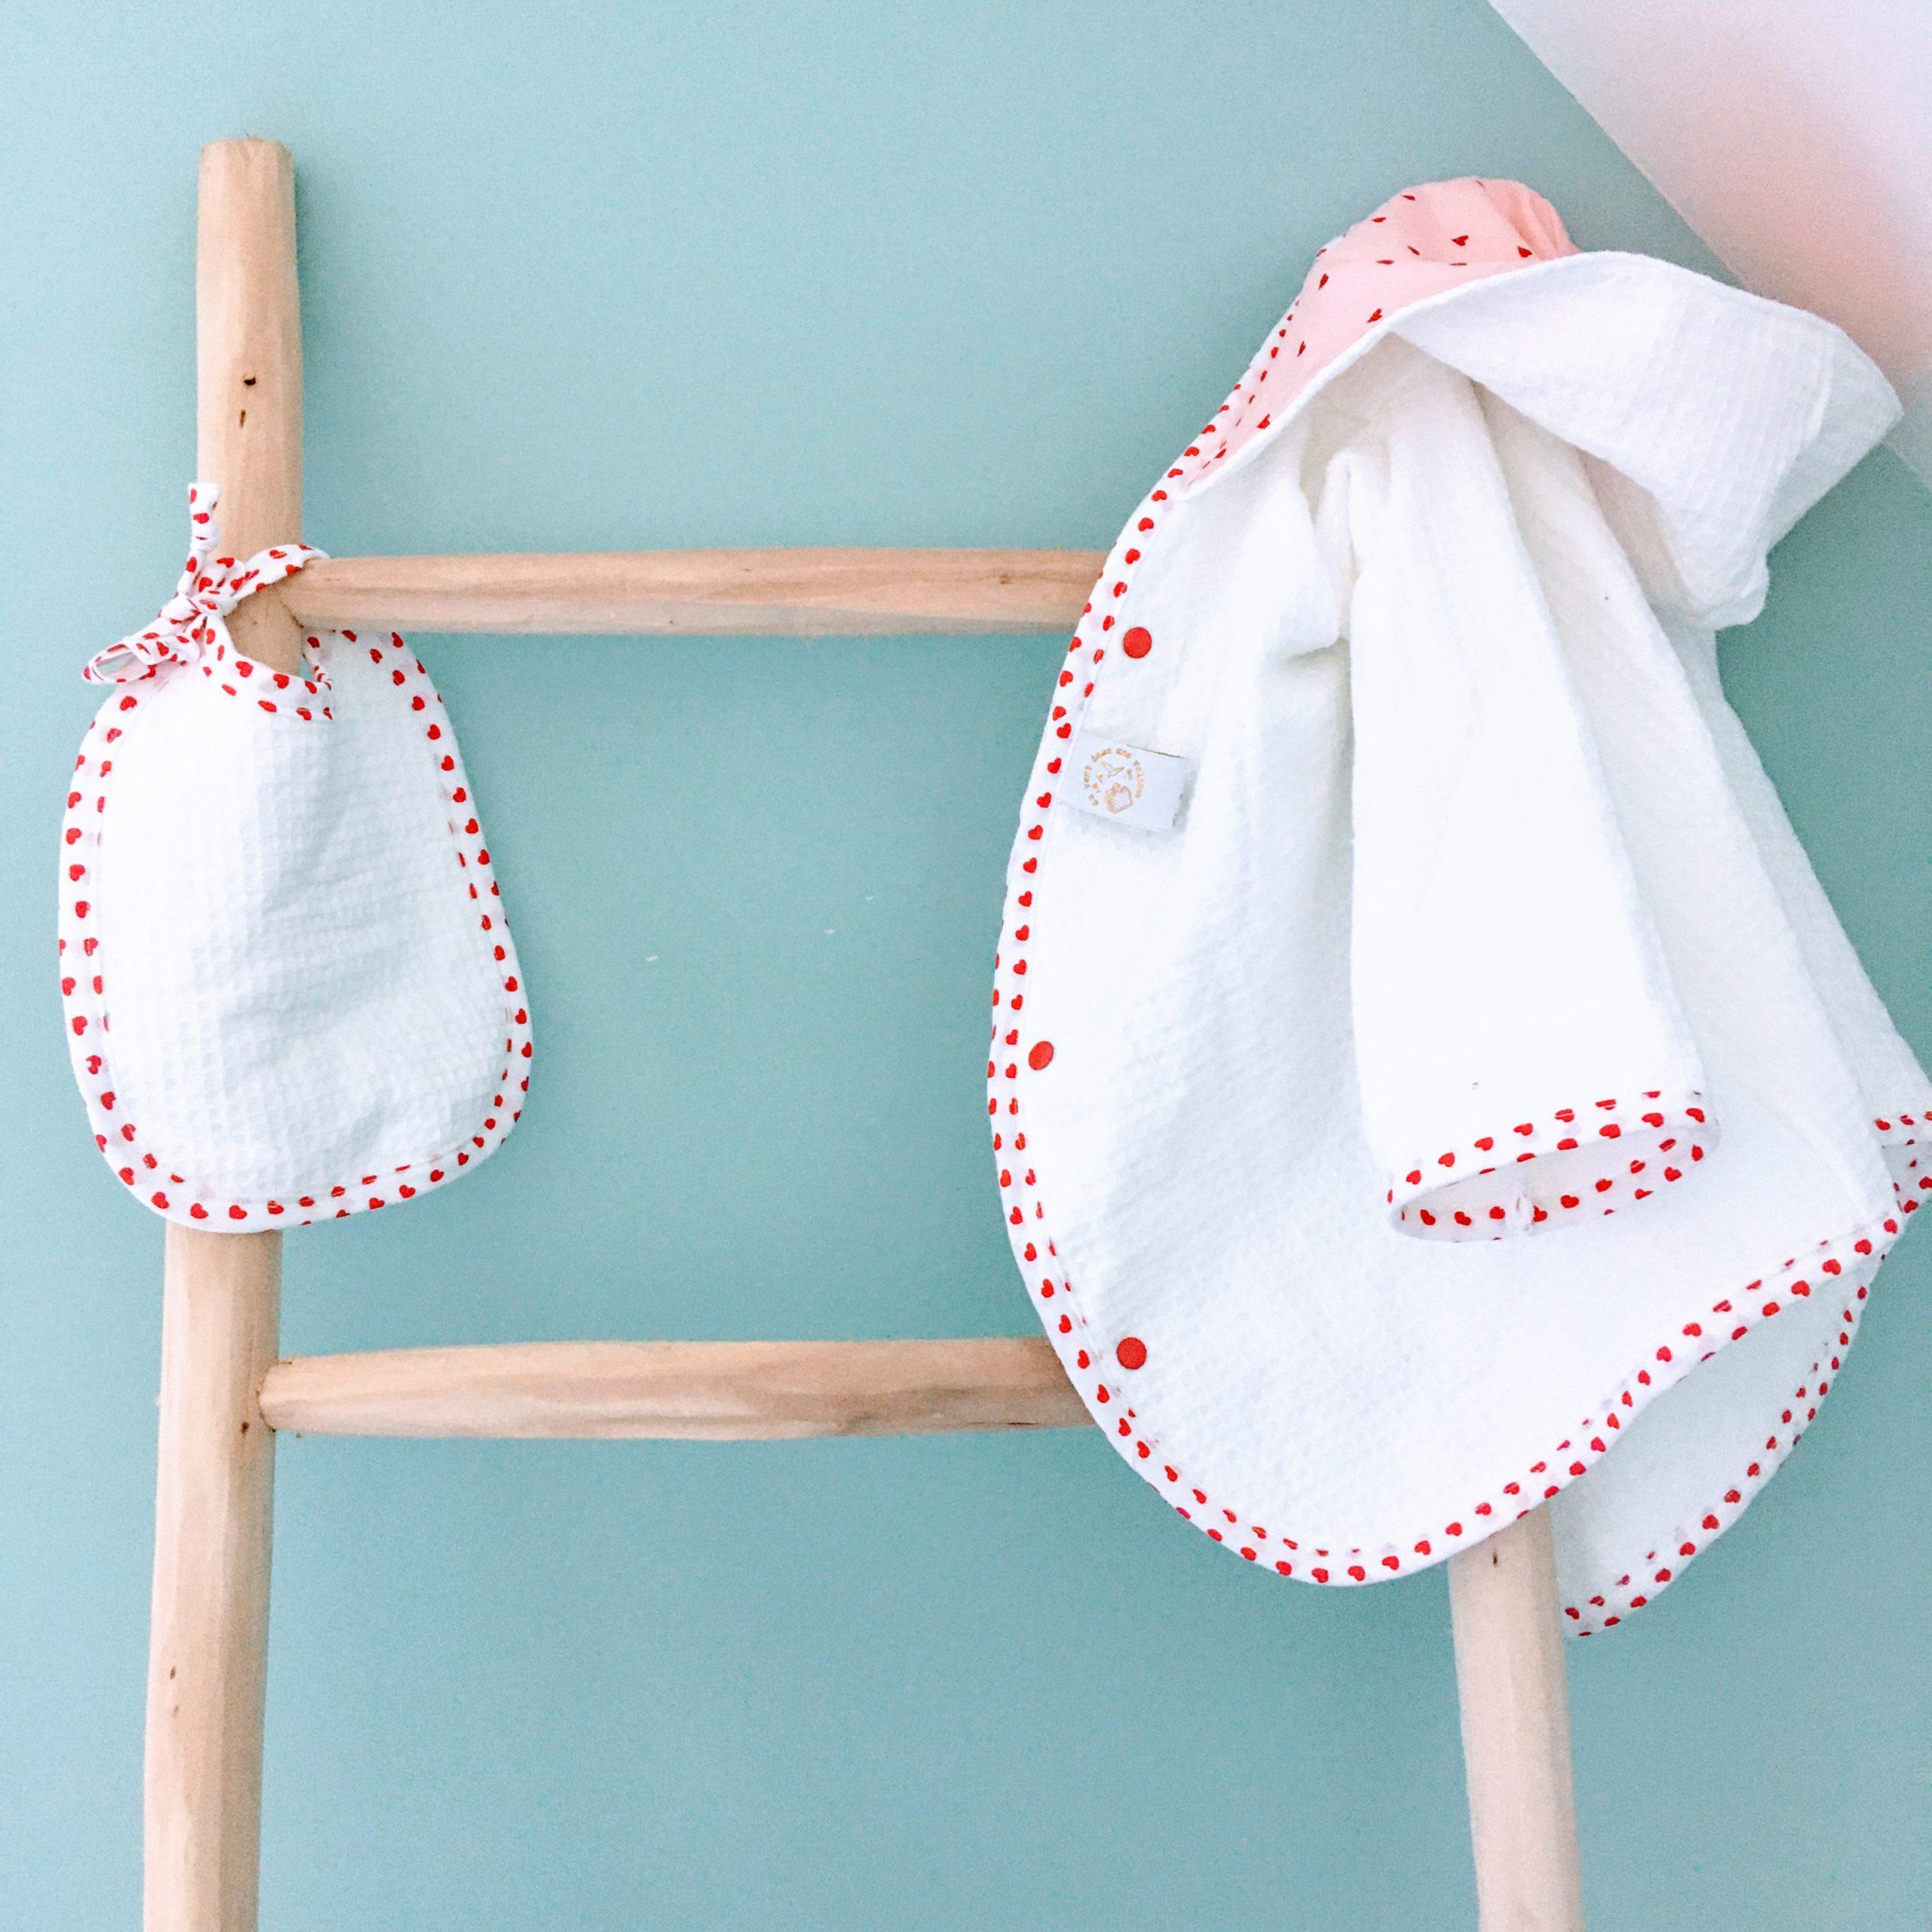 du vent dans mes valises - peignoir bébé enfant personnalisable made in France